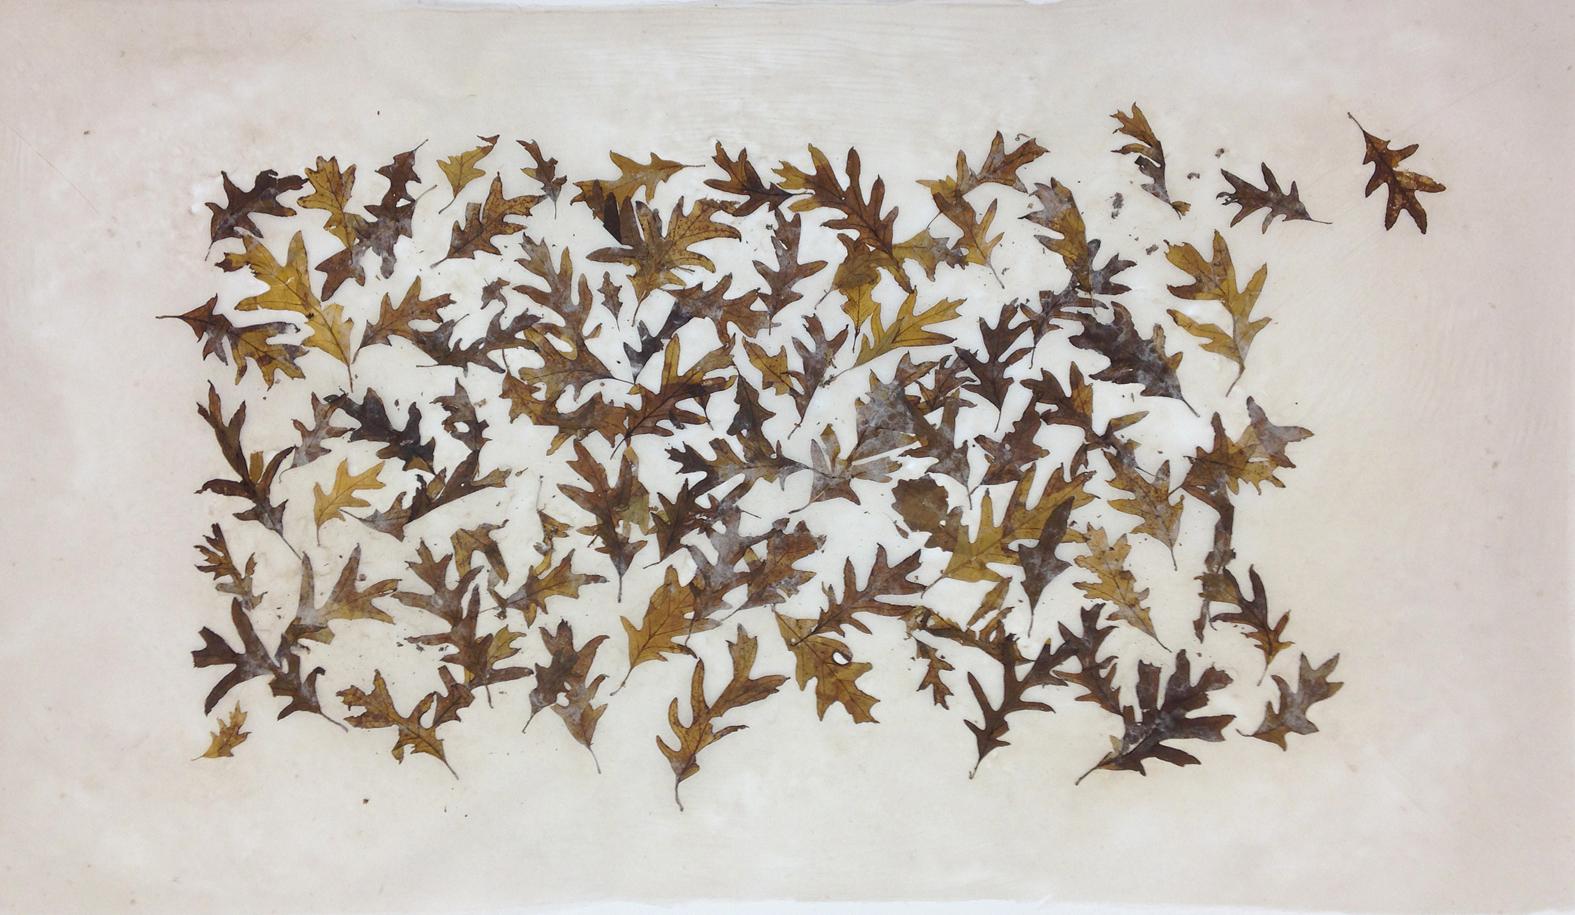 Autumn Maelstrom - Leaf Relic Series